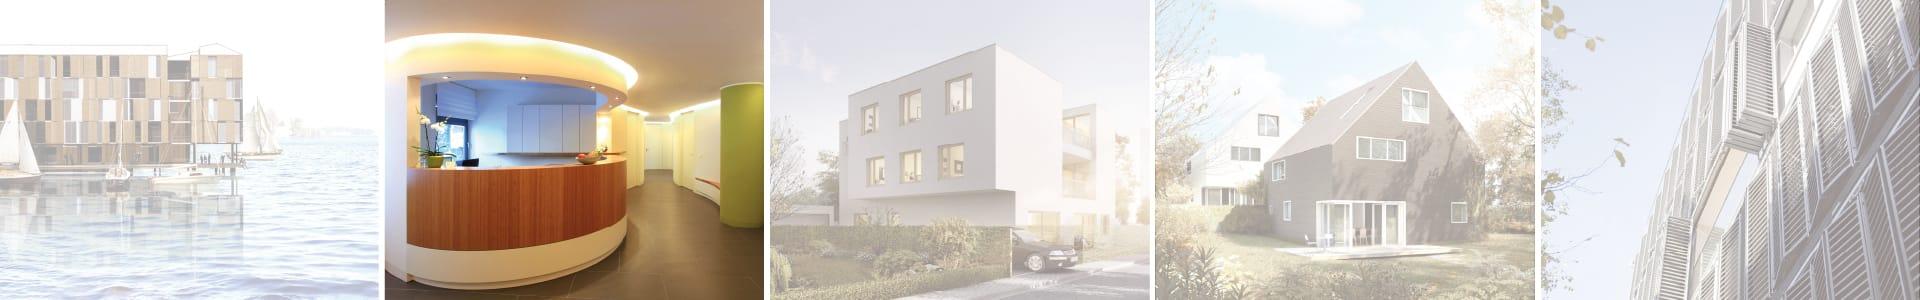 Innengestaltung Architektur einer Arztpraxis mit KR Häuser GmbH